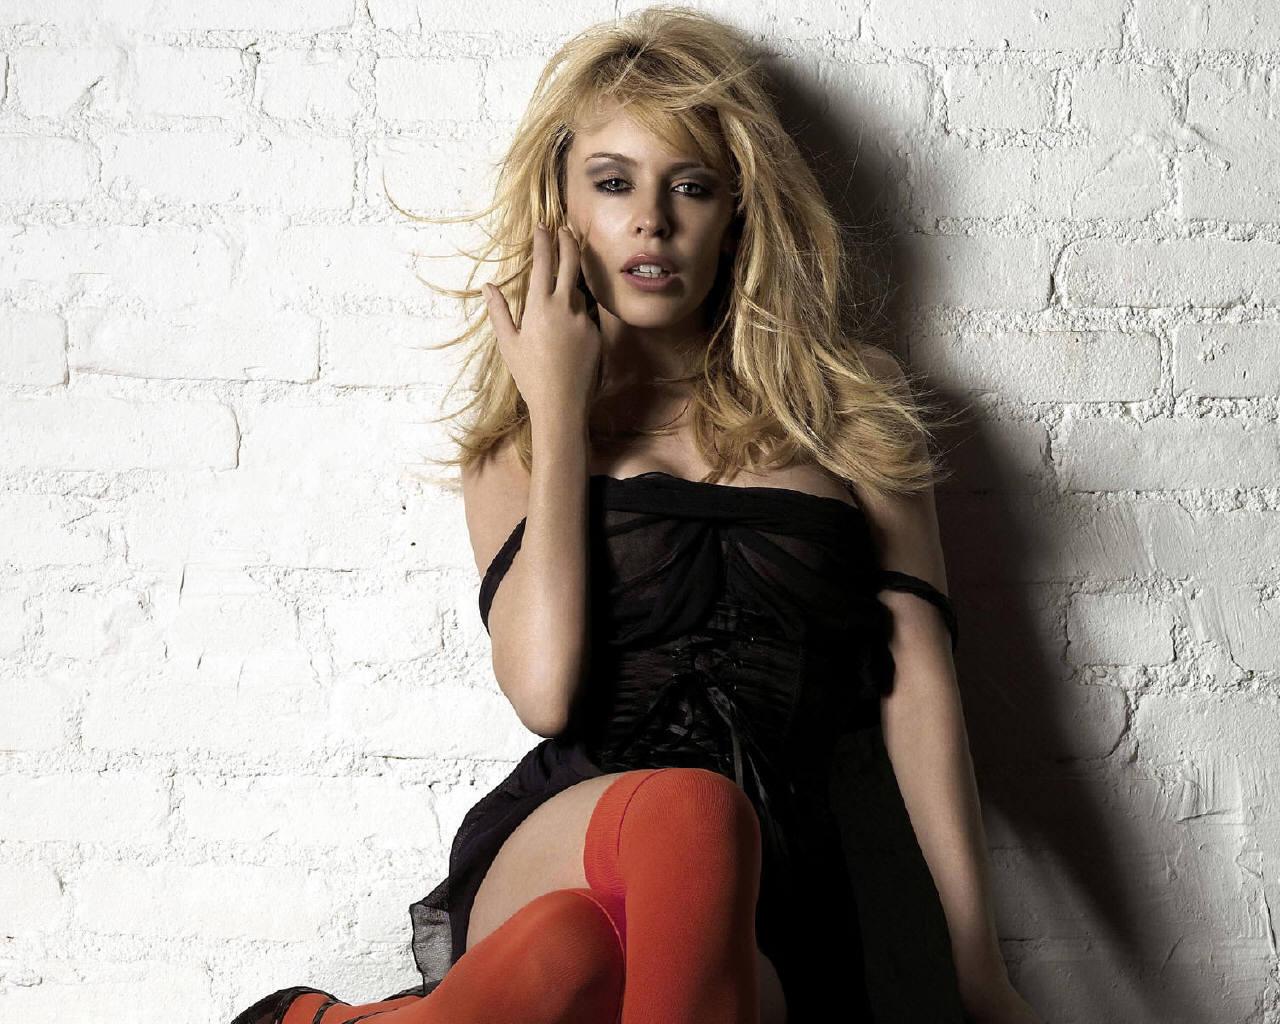 http://1.bp.blogspot.com/-yhMBzkkJiNk/UBjbTliQdvI/AAAAAAAAN3g/2_Wkc-9tpVs/s1600/Sexy_kylie_minogue_hot111111+(13).jpg